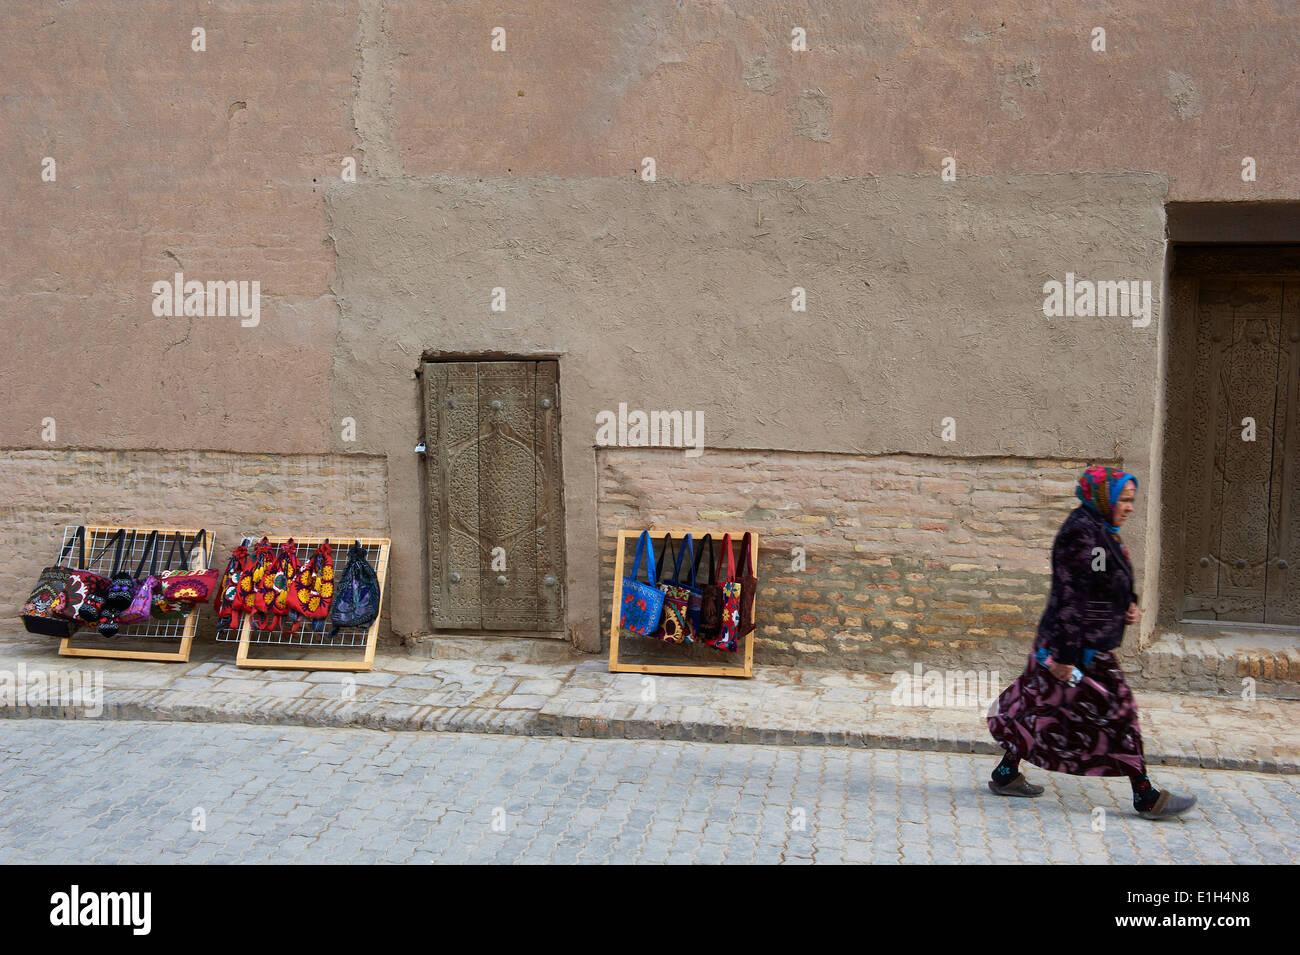 L'Ouzbékistan, Khiva, Patrimoine Mondial de l'UNESCO, de l'artisanat pour les touristes Photo Stock